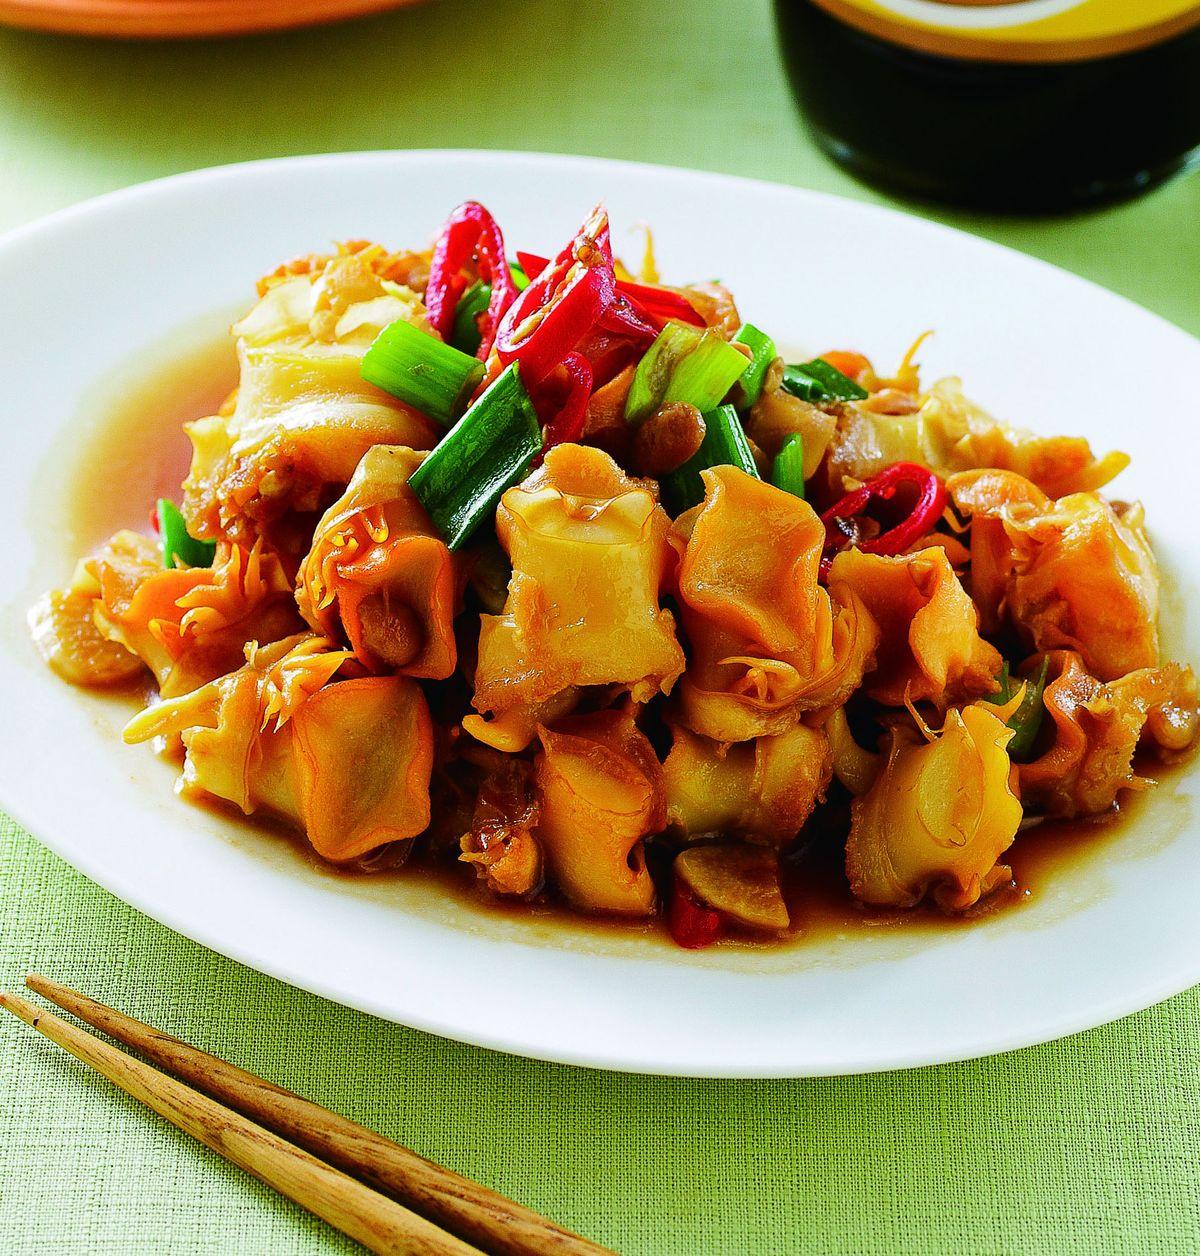 食譜:蒜香炒雪螺